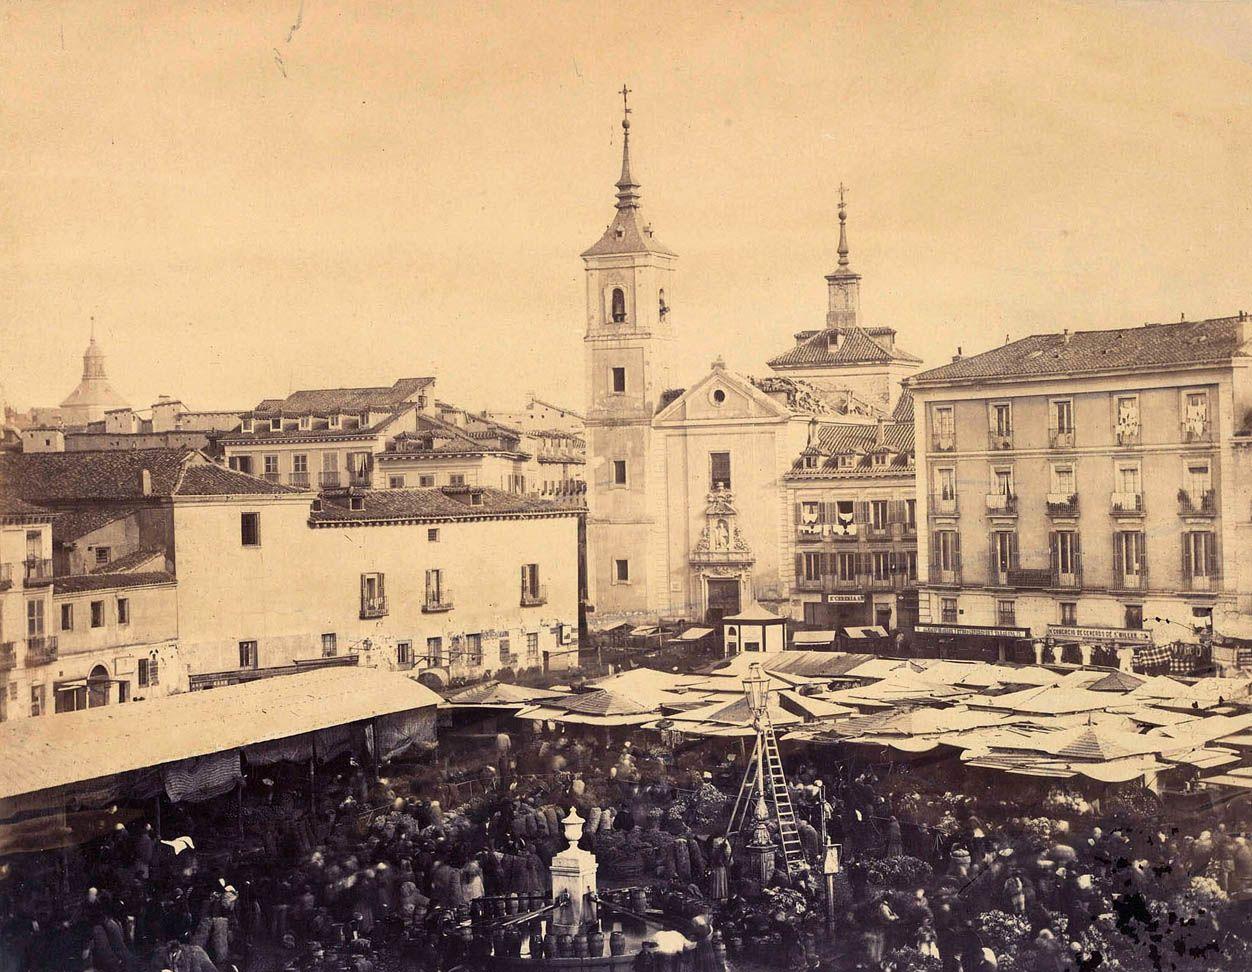 Plaza de la Cebada. La iglesia del fondo fue demolida en 1869. La foto es de 1860. J.Suárez. Biblioteca Nacional (Madrid)